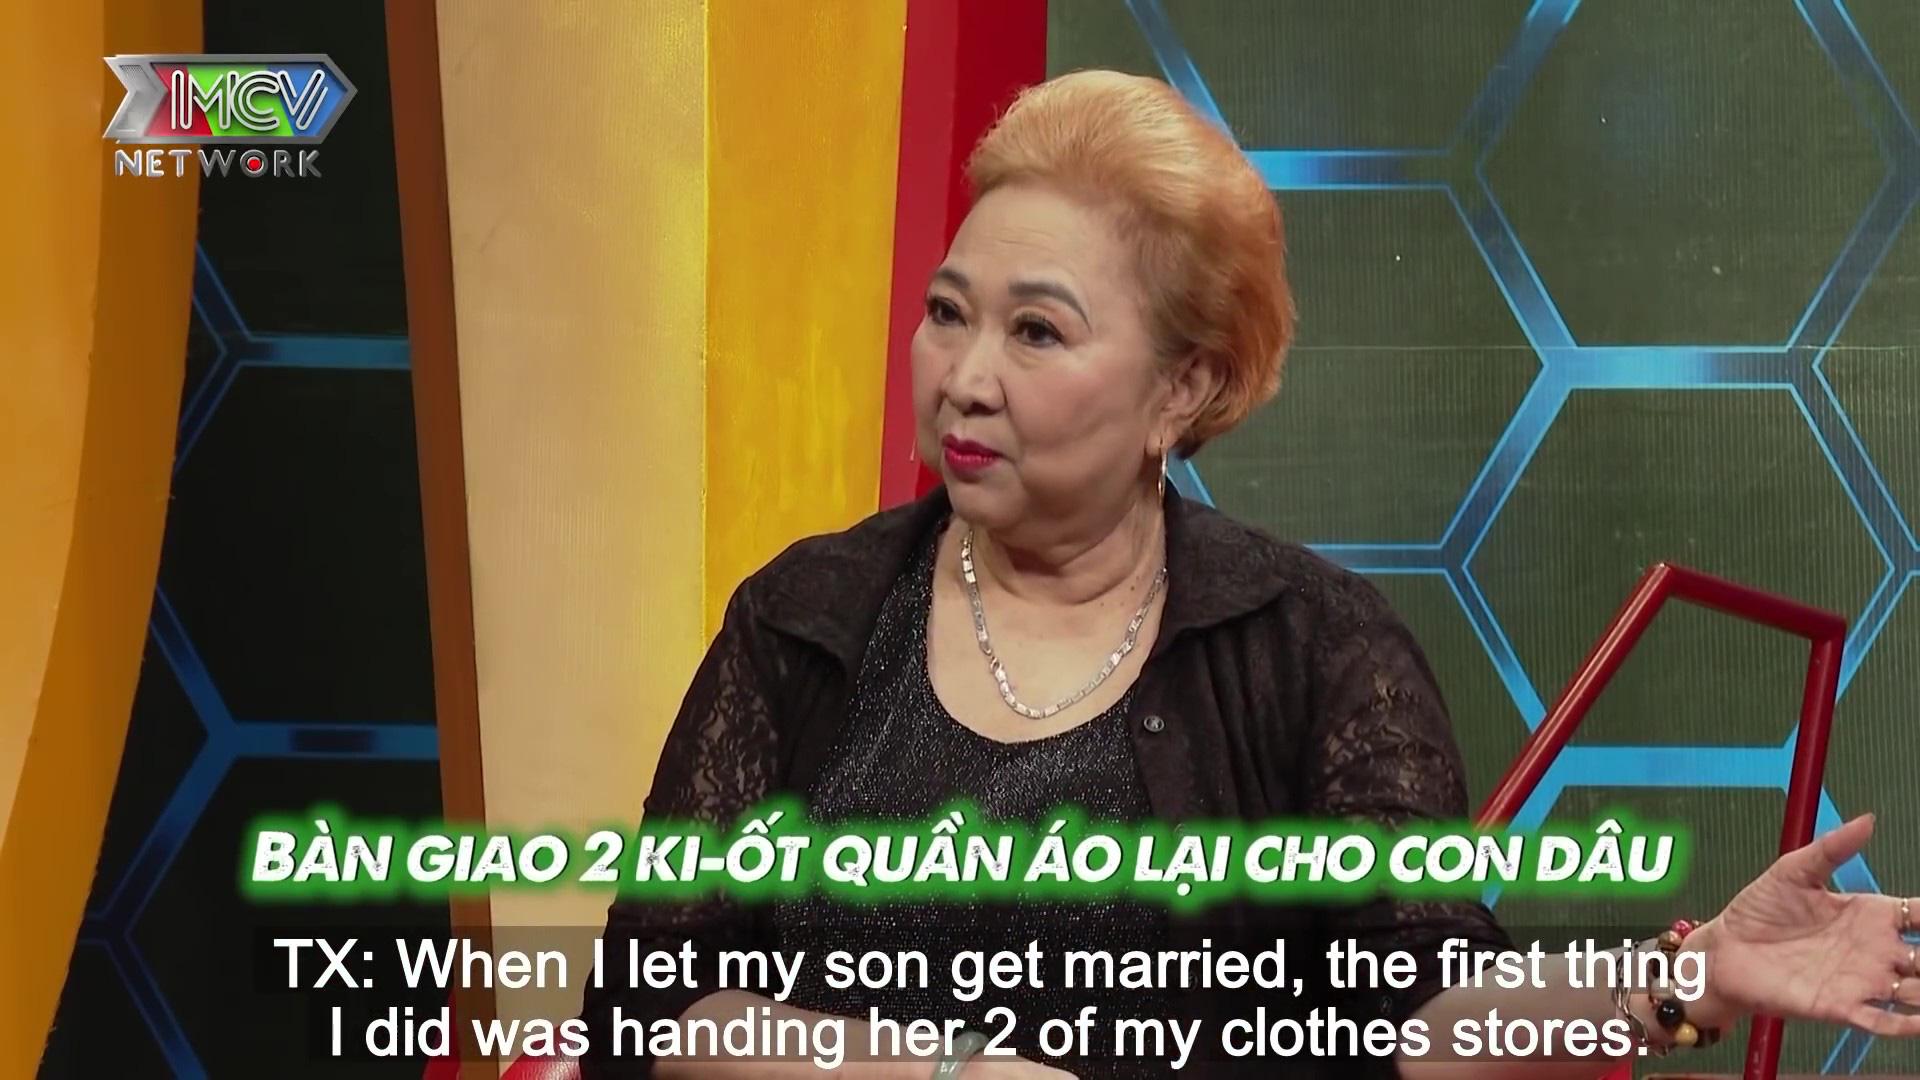 """Ném vỡ đầu con dâu tương lai, mẹ chồng vội vã thay đổi """"tối hậu thư""""  - Ảnh 3."""